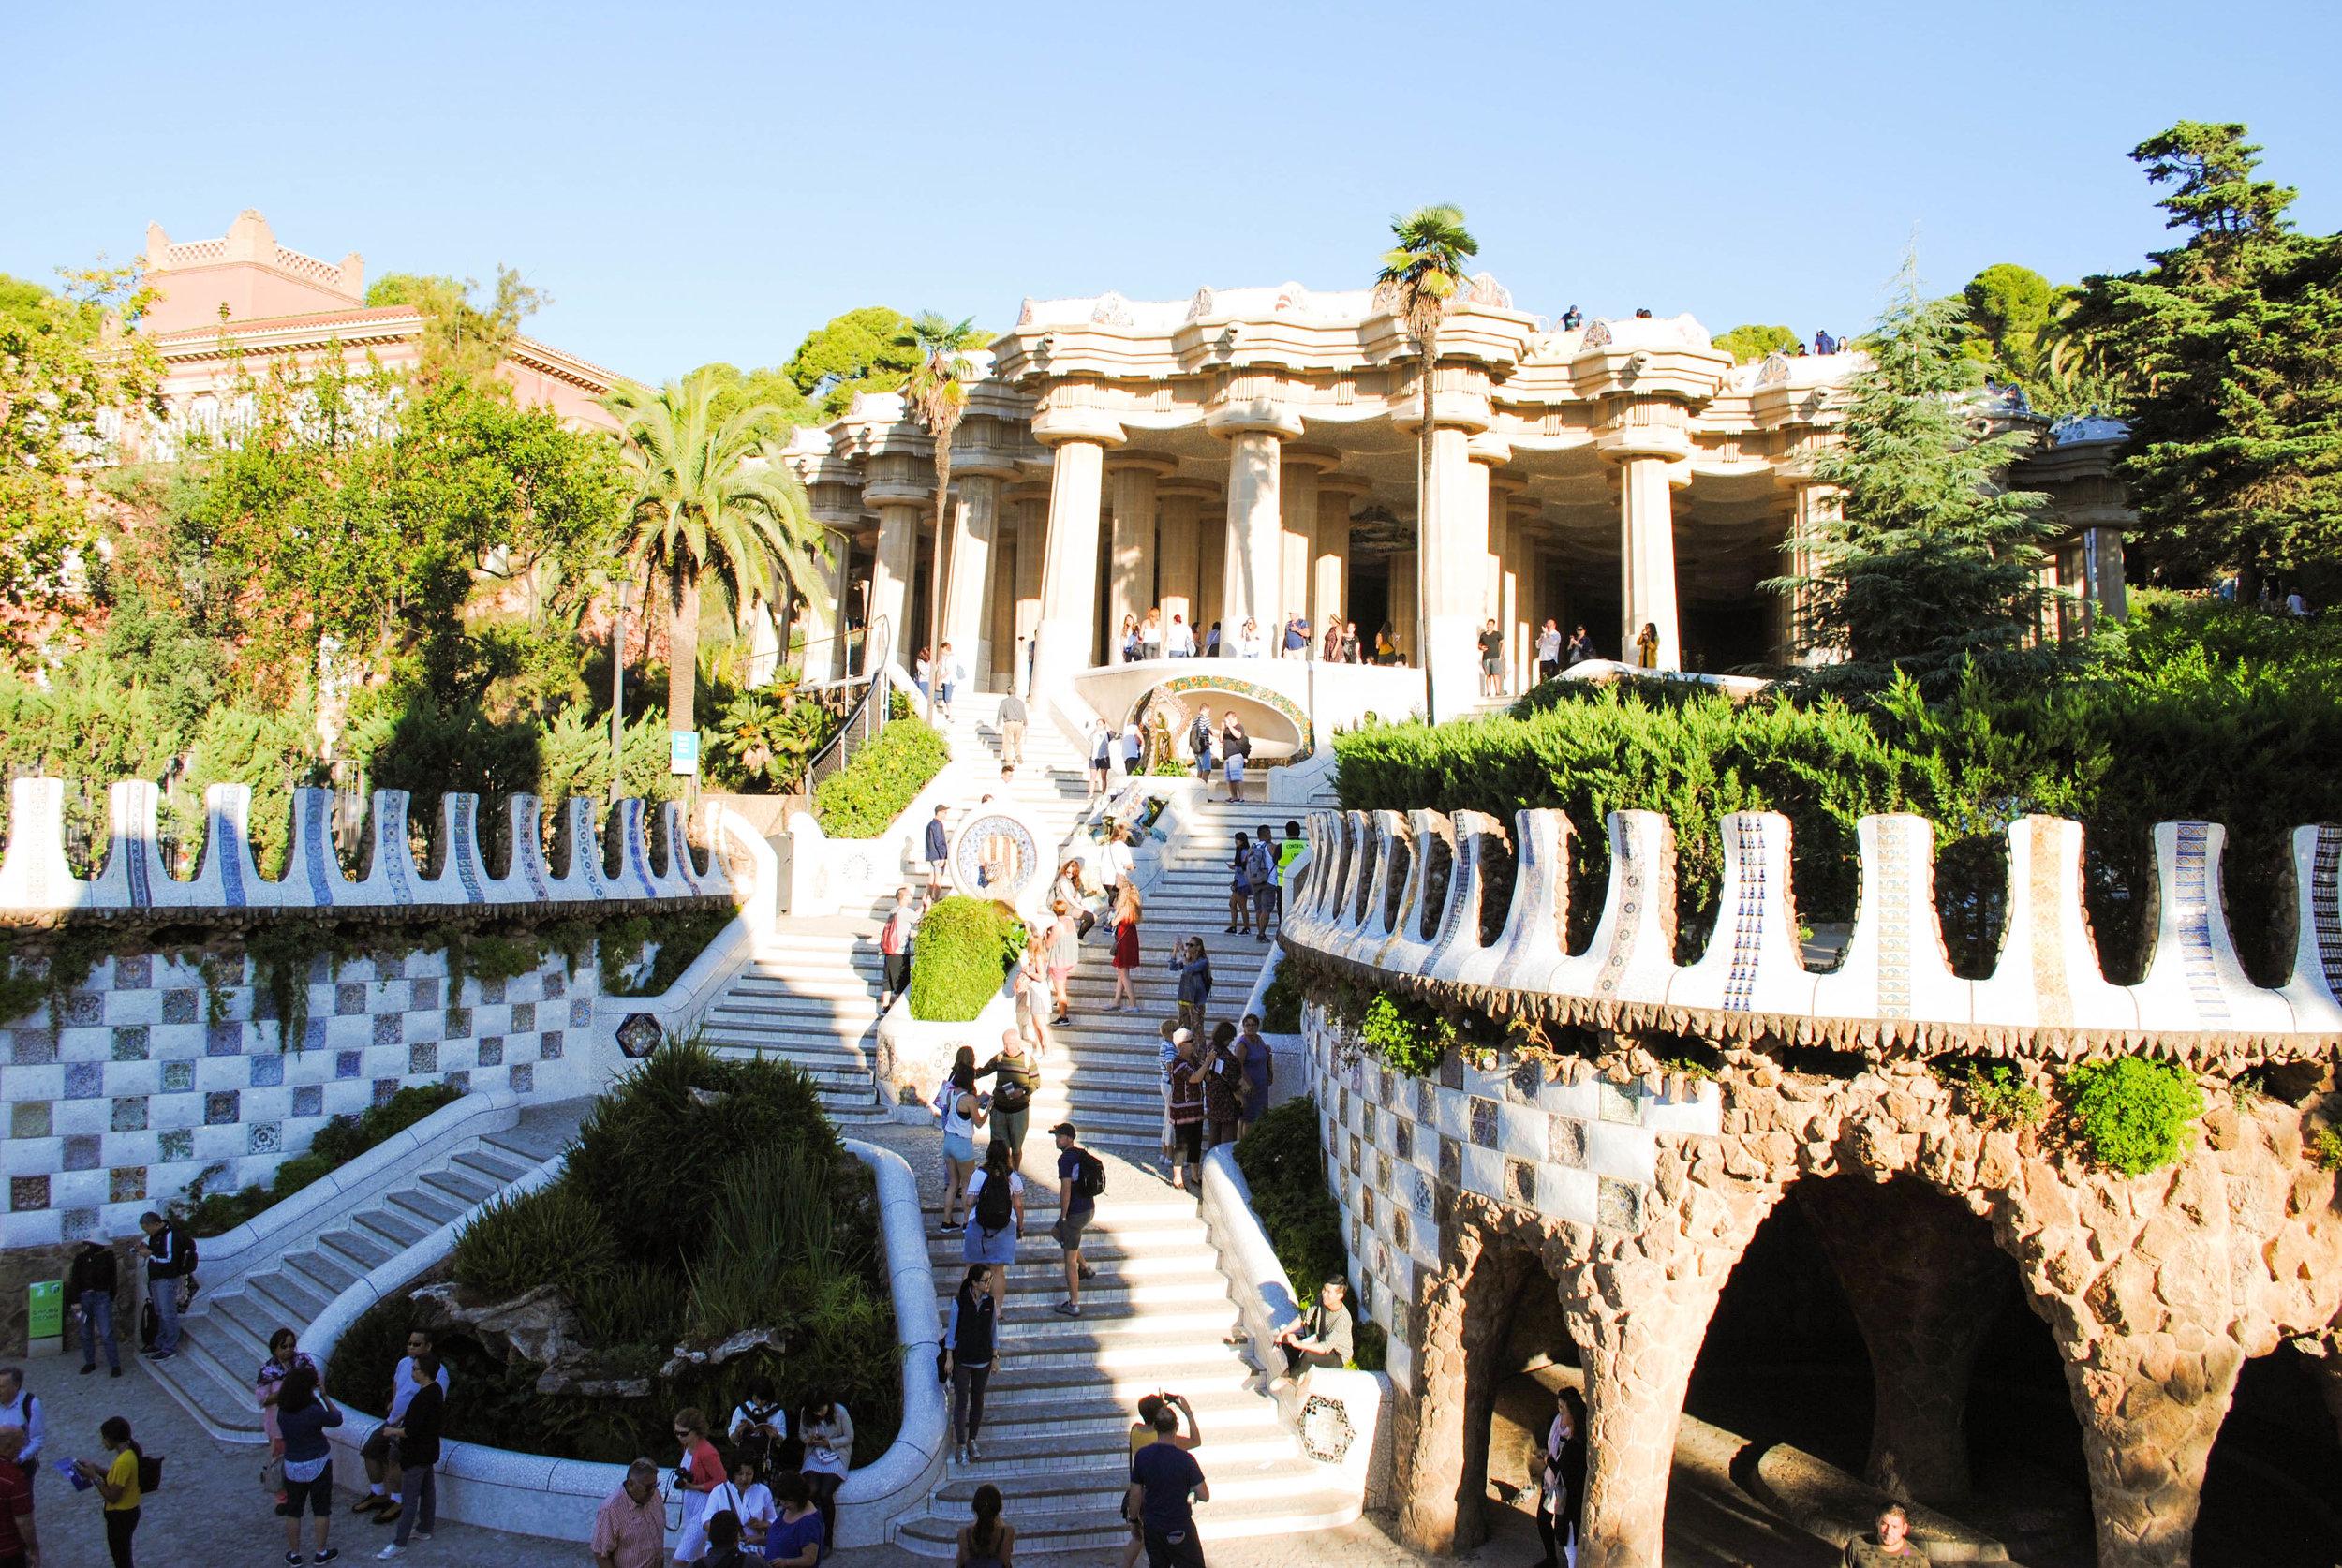 Park Güell in Barcelona, Spain